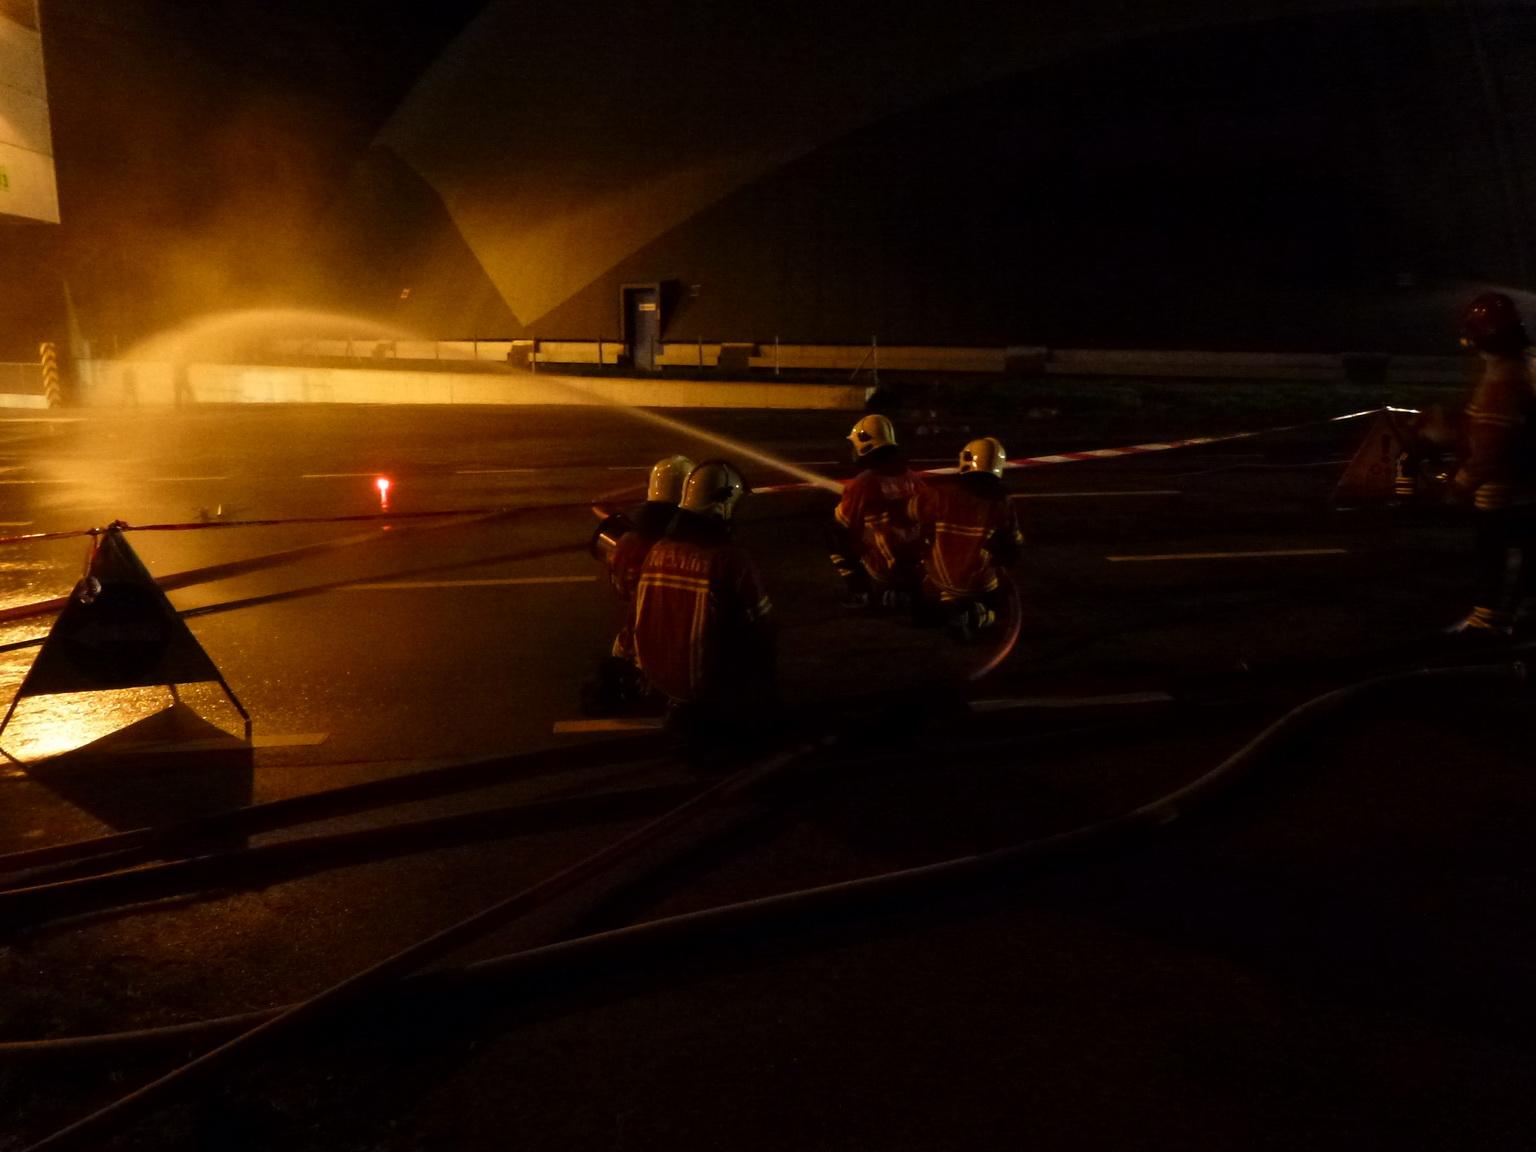 Gemeinsame Schlussübung der beiden Feuerwehren Möhlin und Rheinfelden